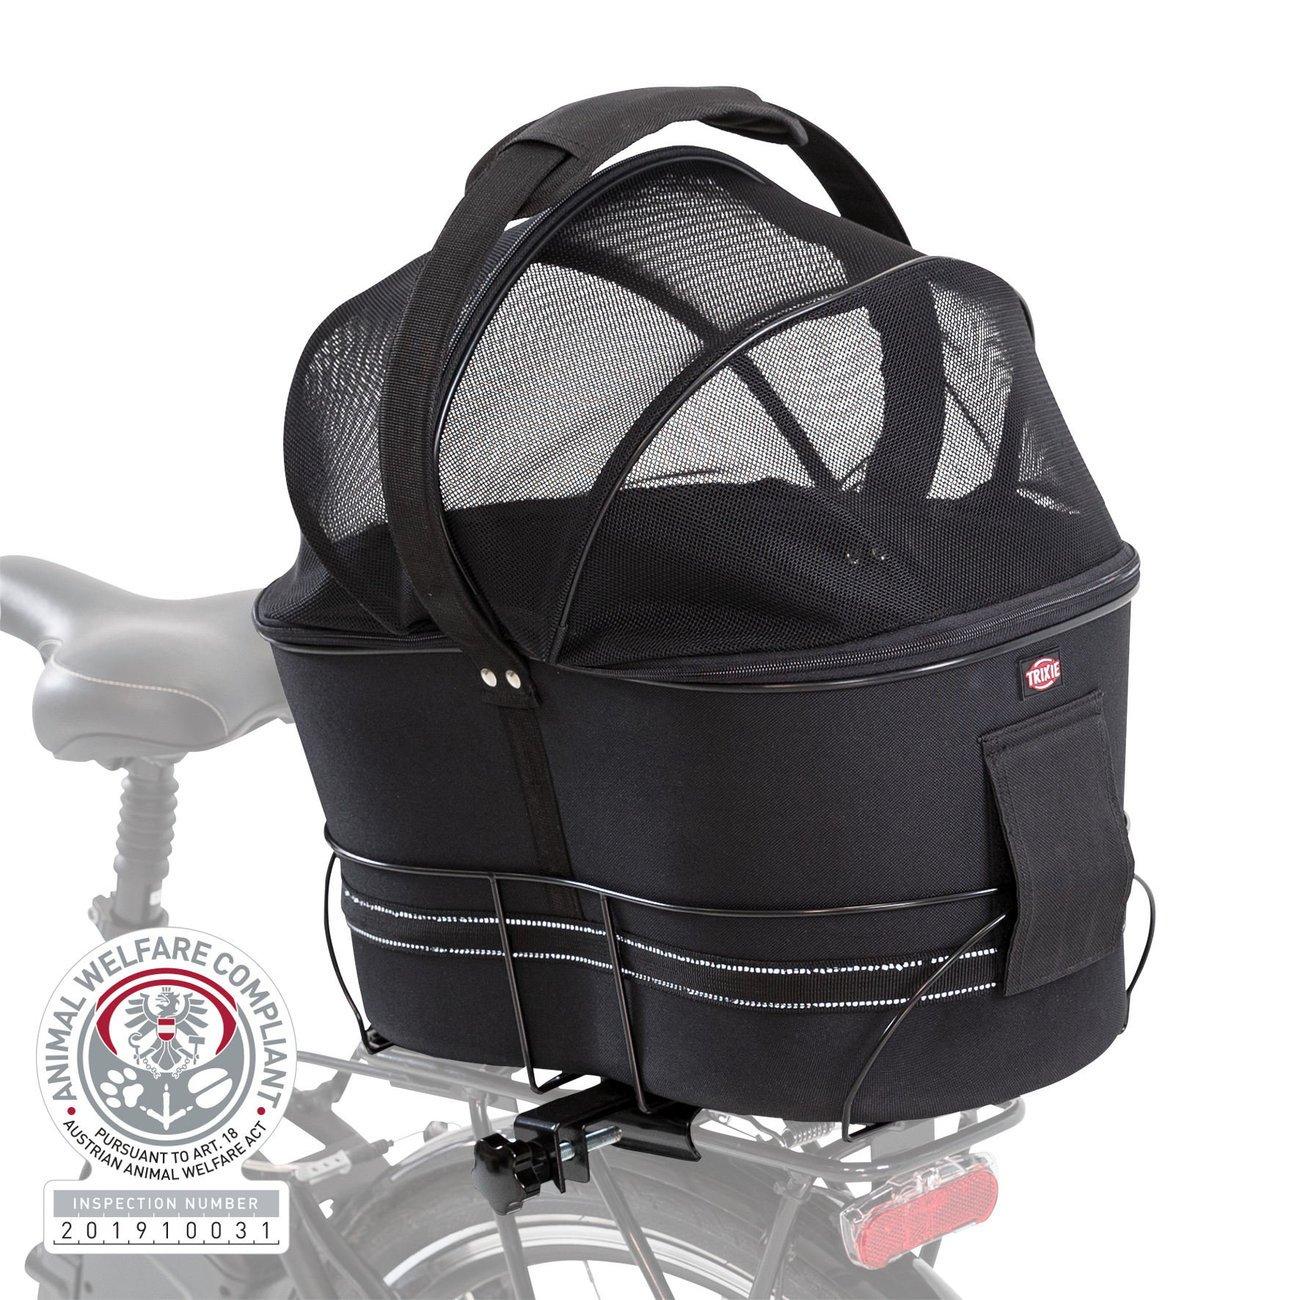 TRIXIE Hunde-Fahrradkorb für schmale Gepäckträger 13111, Bild 11